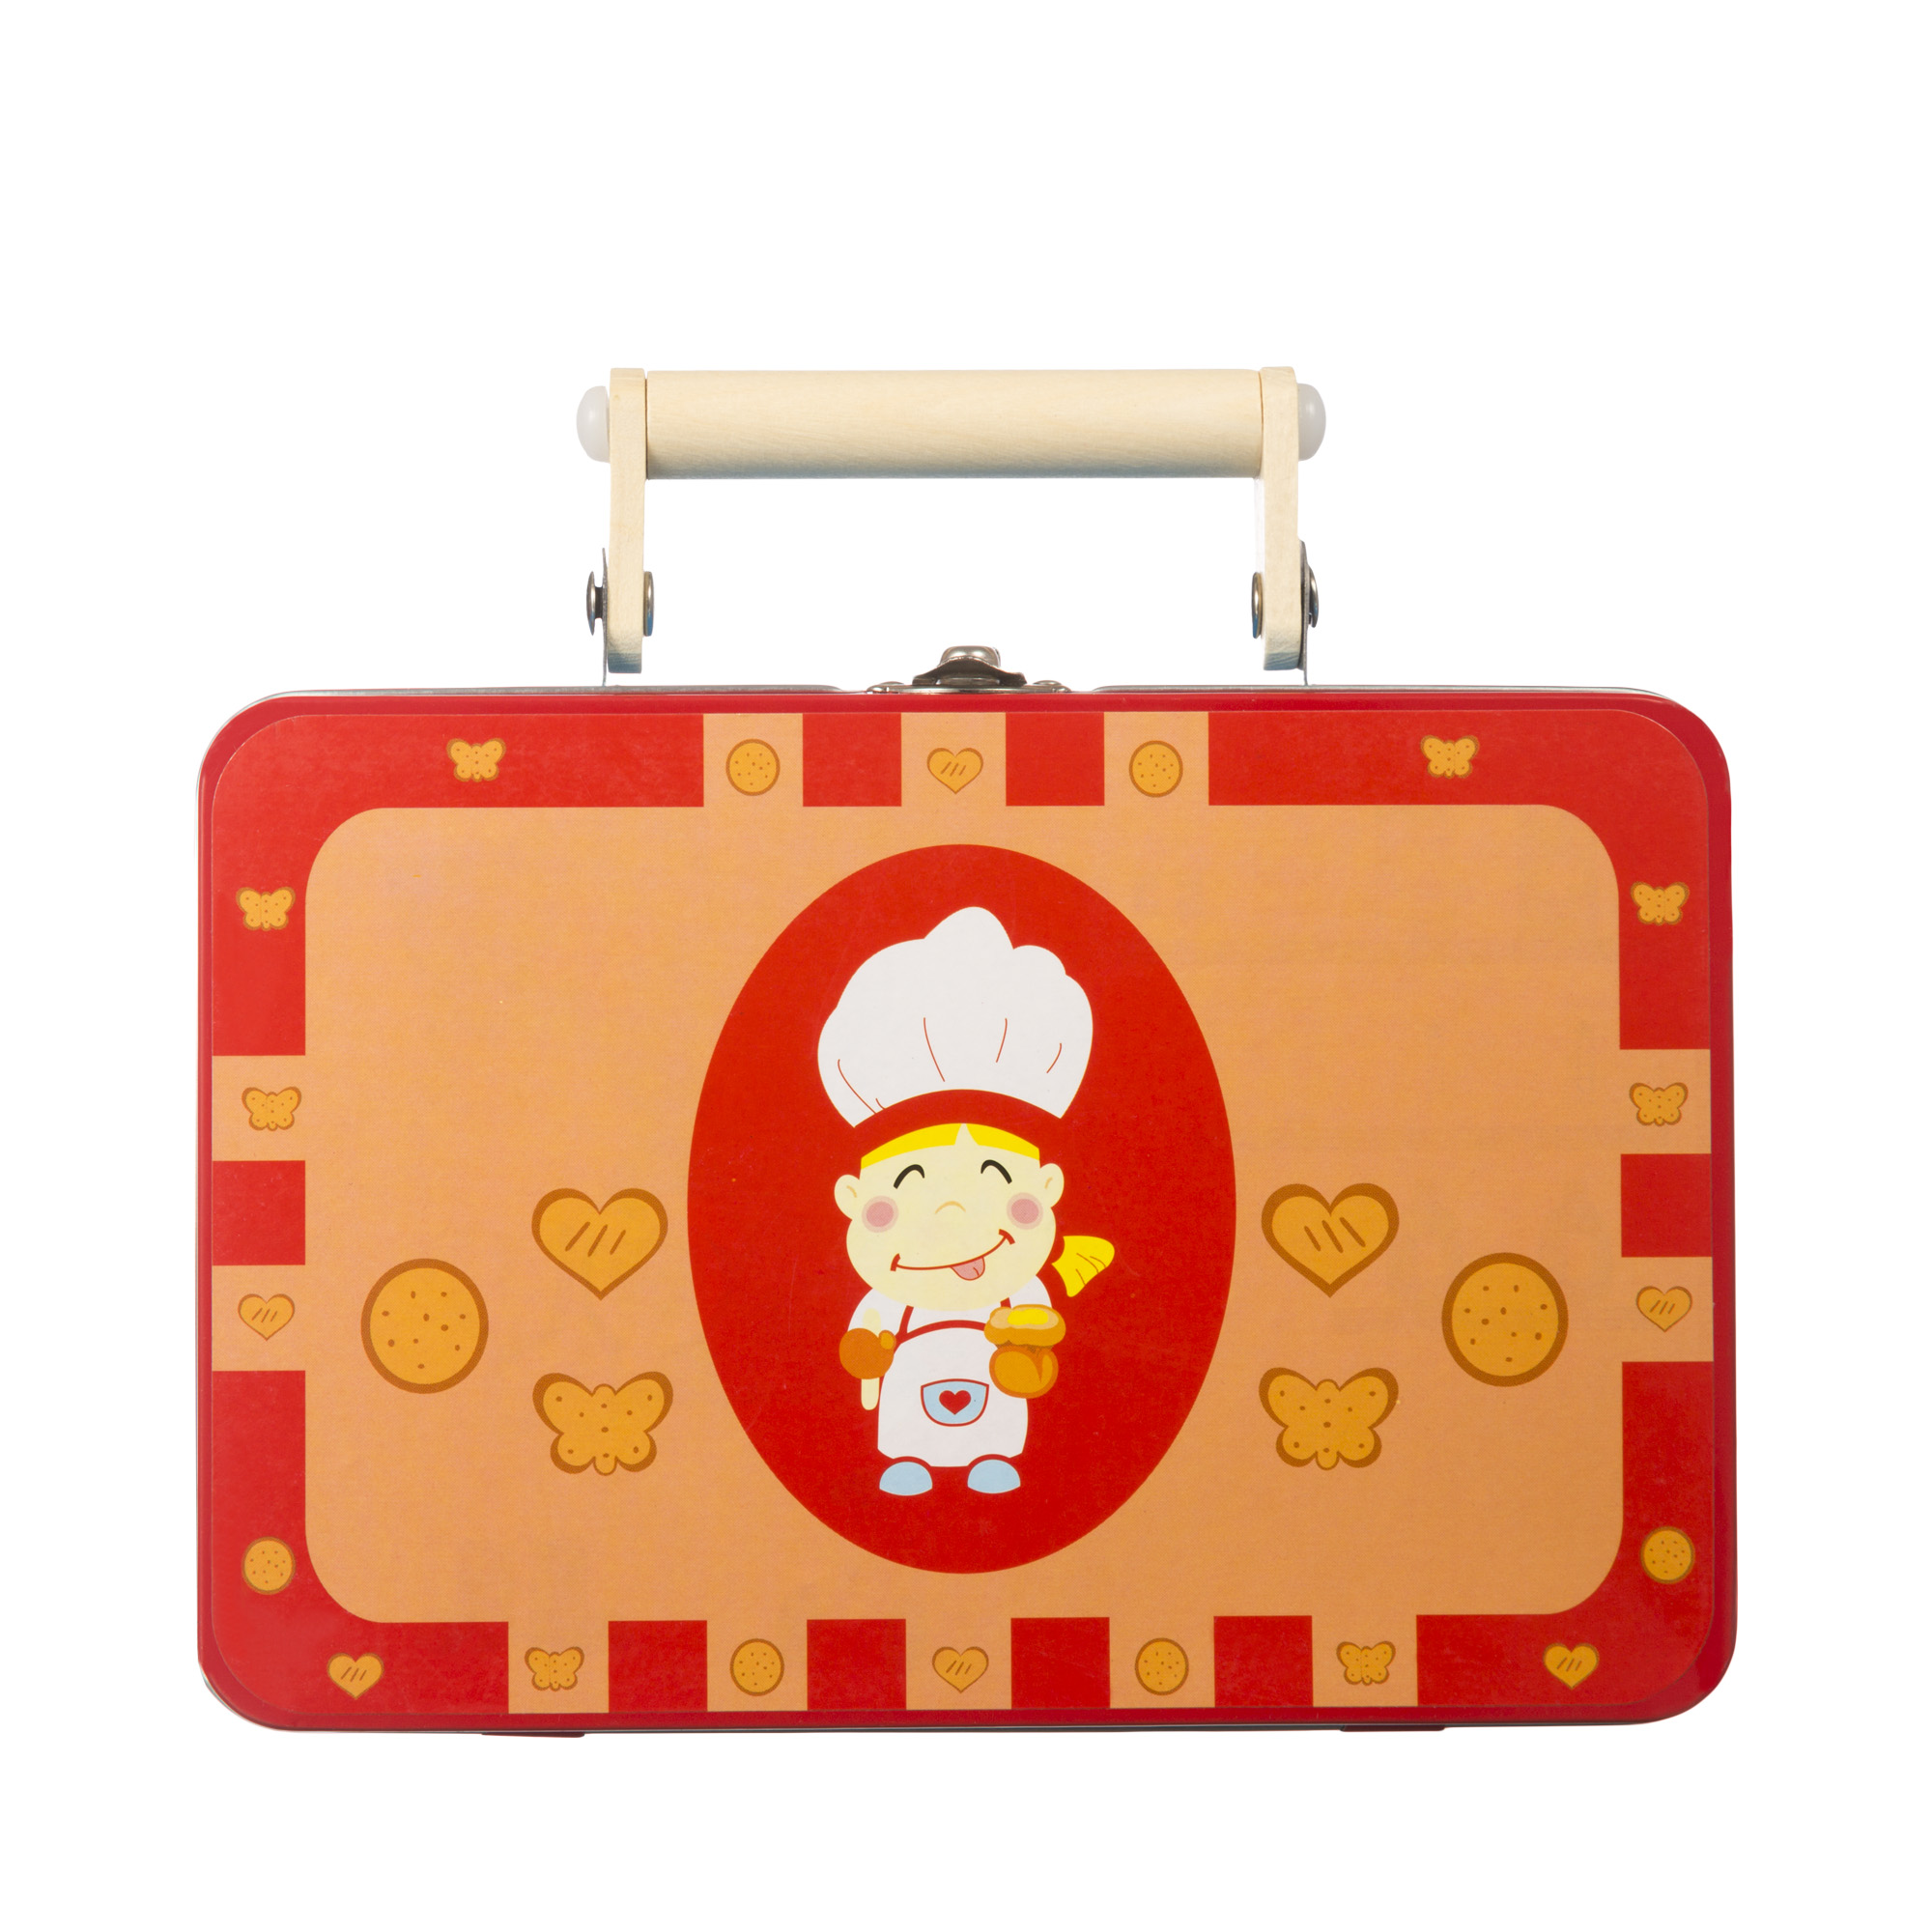 Игровой набор чемодан для пикника k s kids игровой набор время для животика бобби